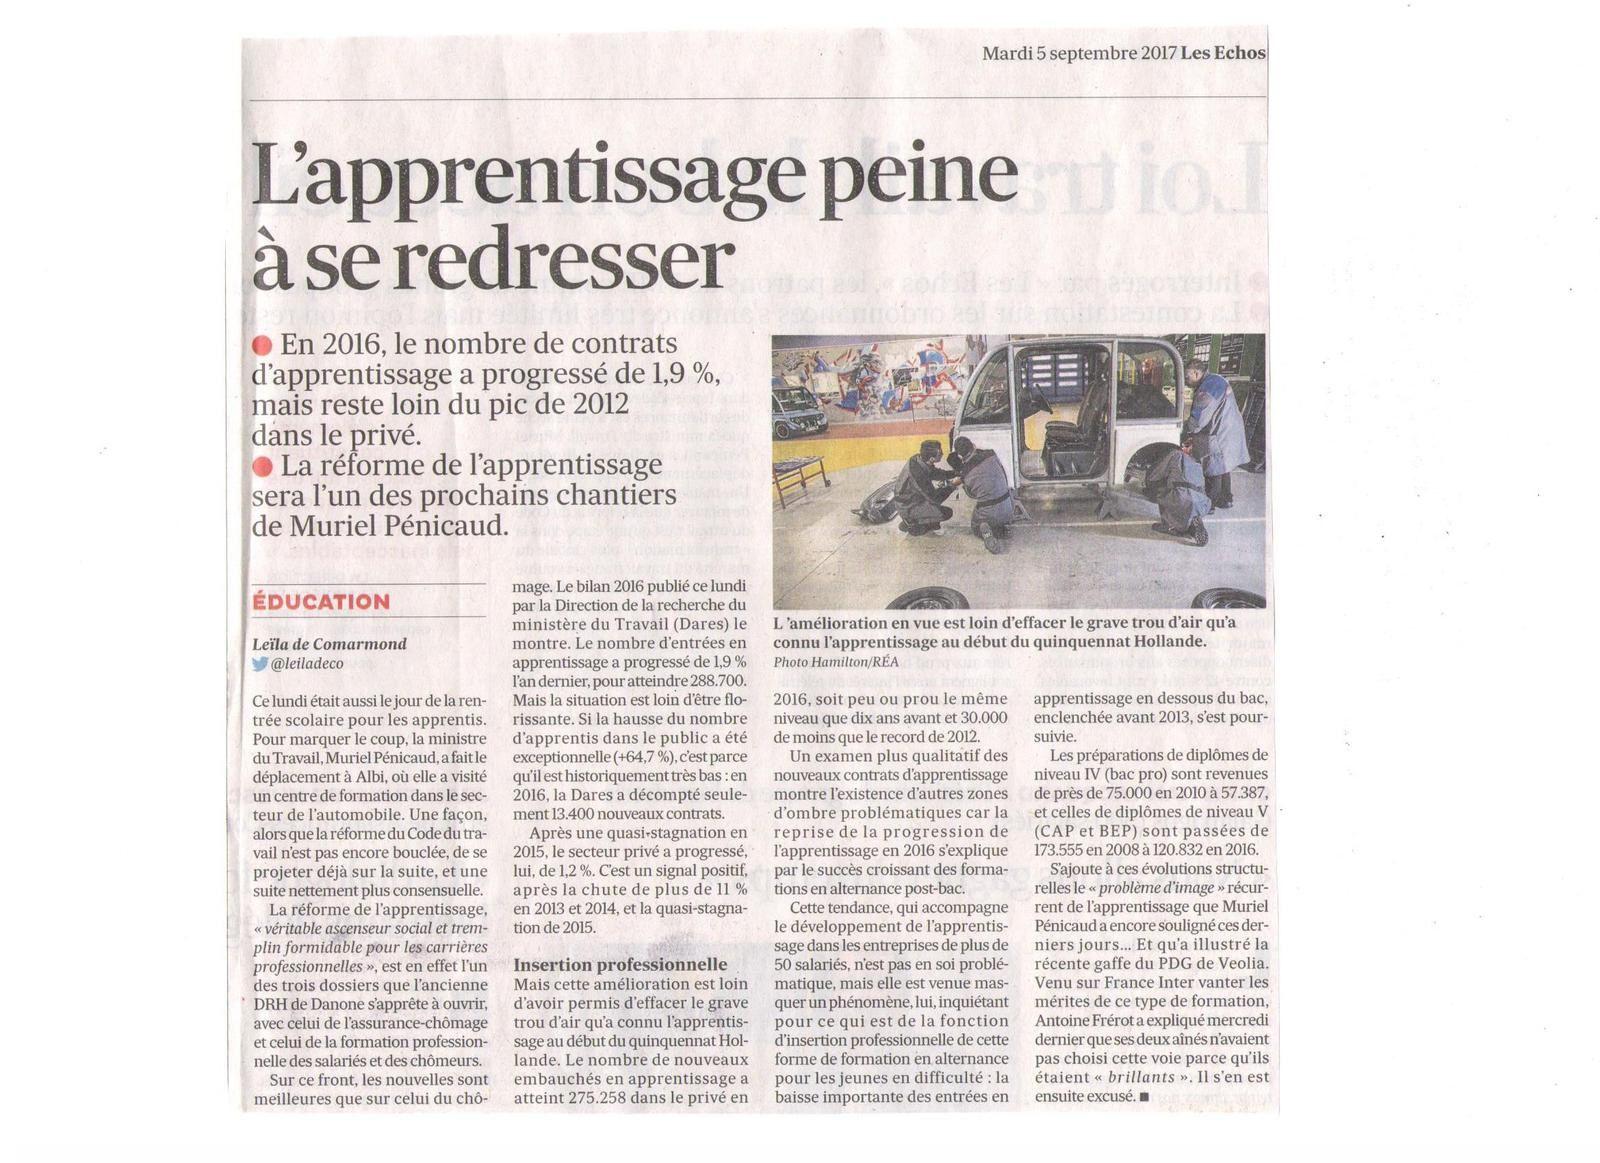 Vu et lu dans L'express du 14 juin 2017, et Les Echos du 05 septembre 2017